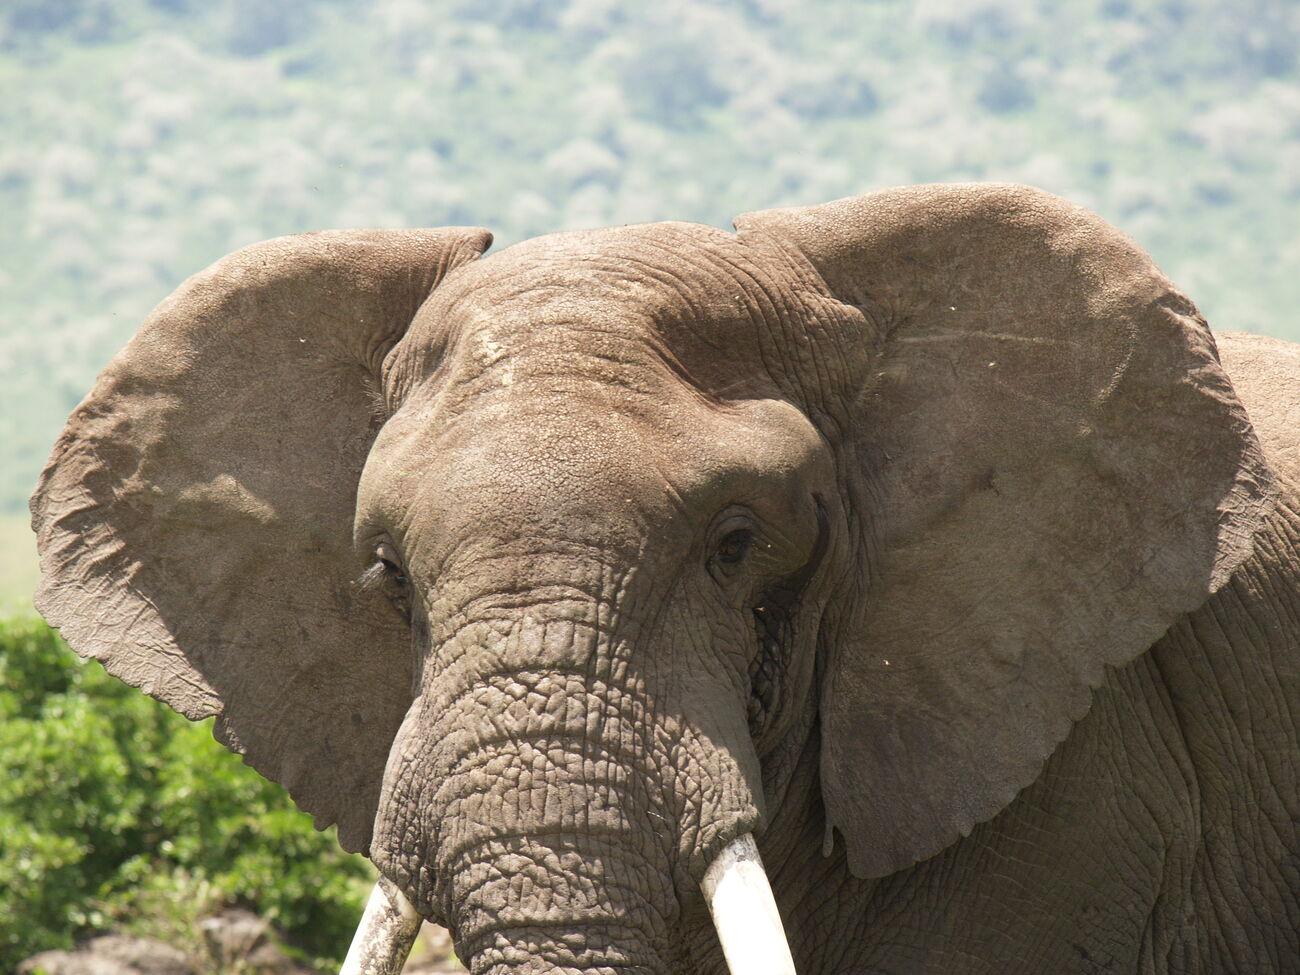 Asian elephant face